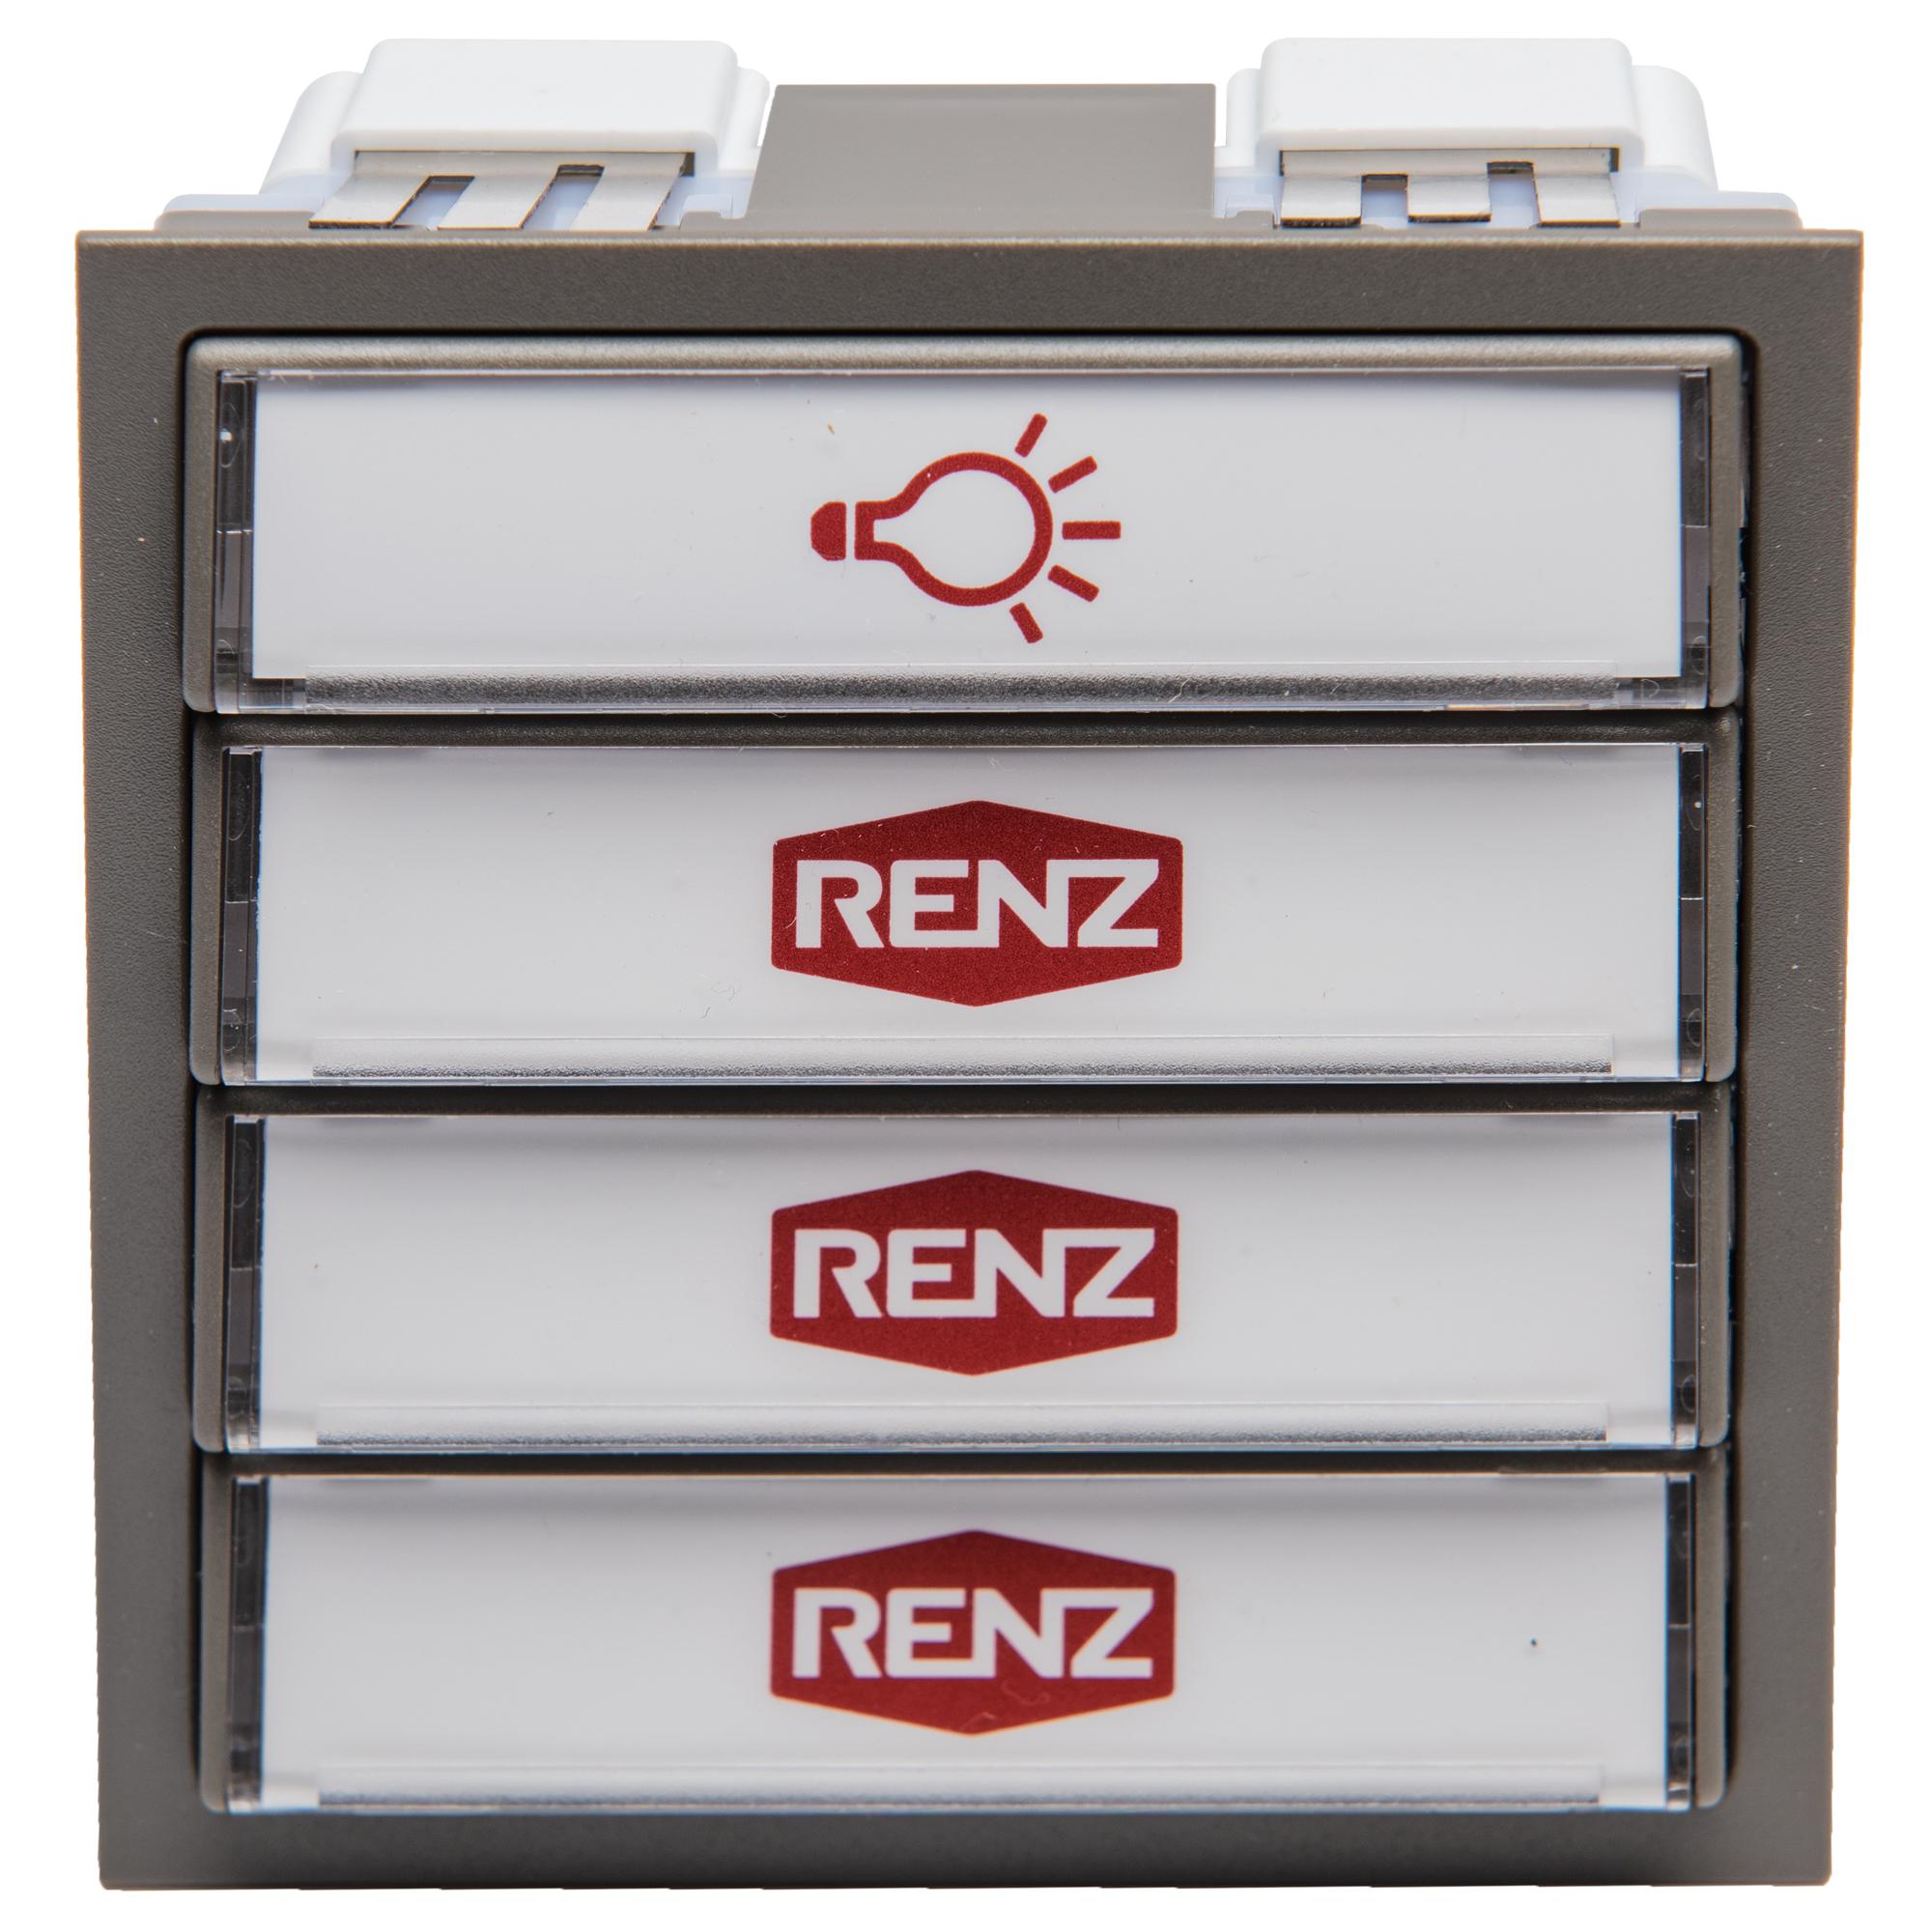 Renz Tastenmodul 1 Licht + 3Klingel grau